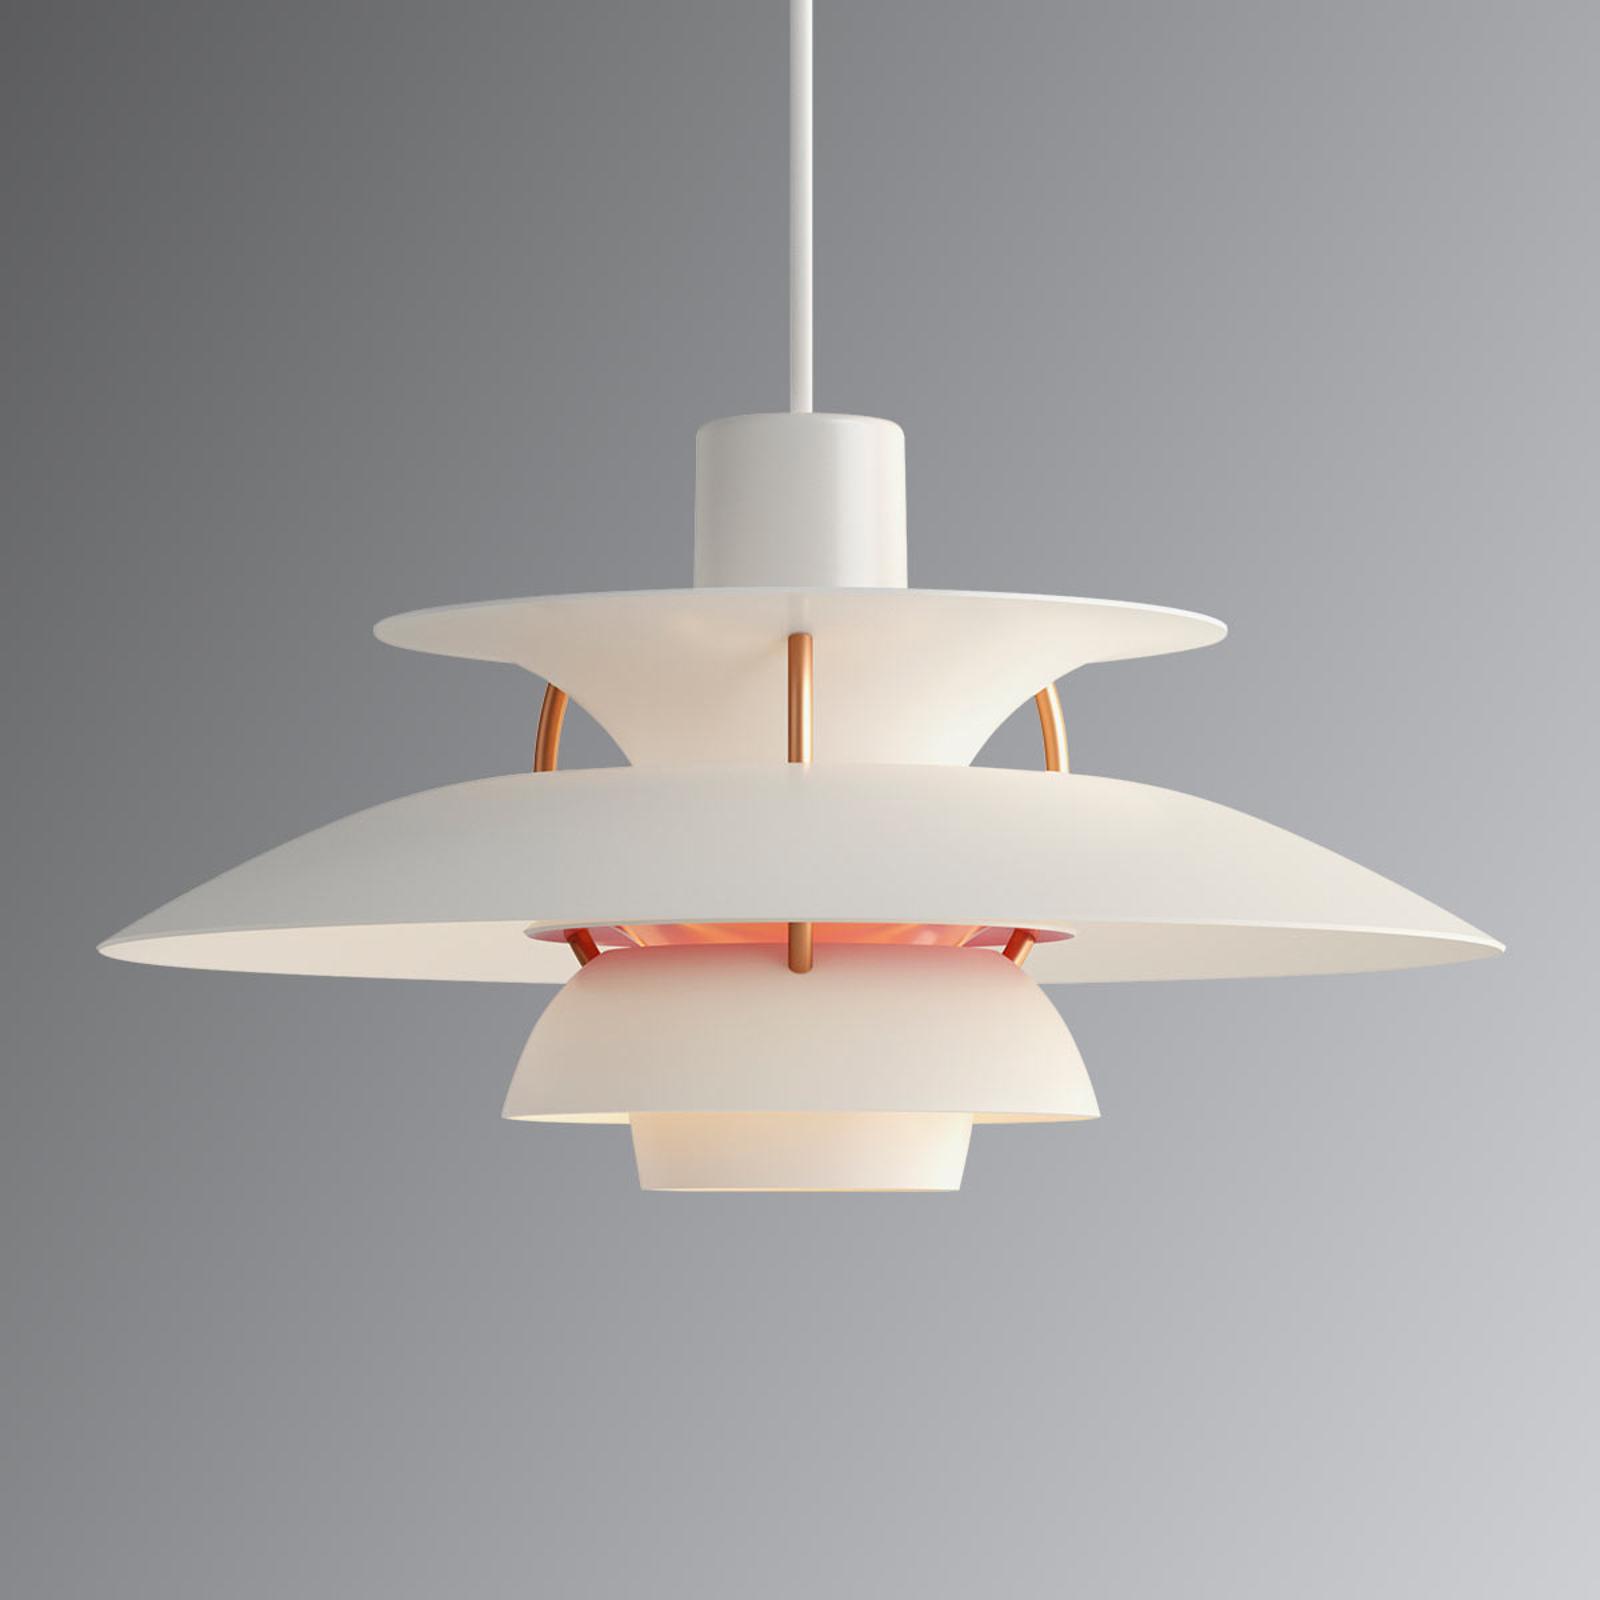 PH 5 Mini - moderne designer hanglamp wit